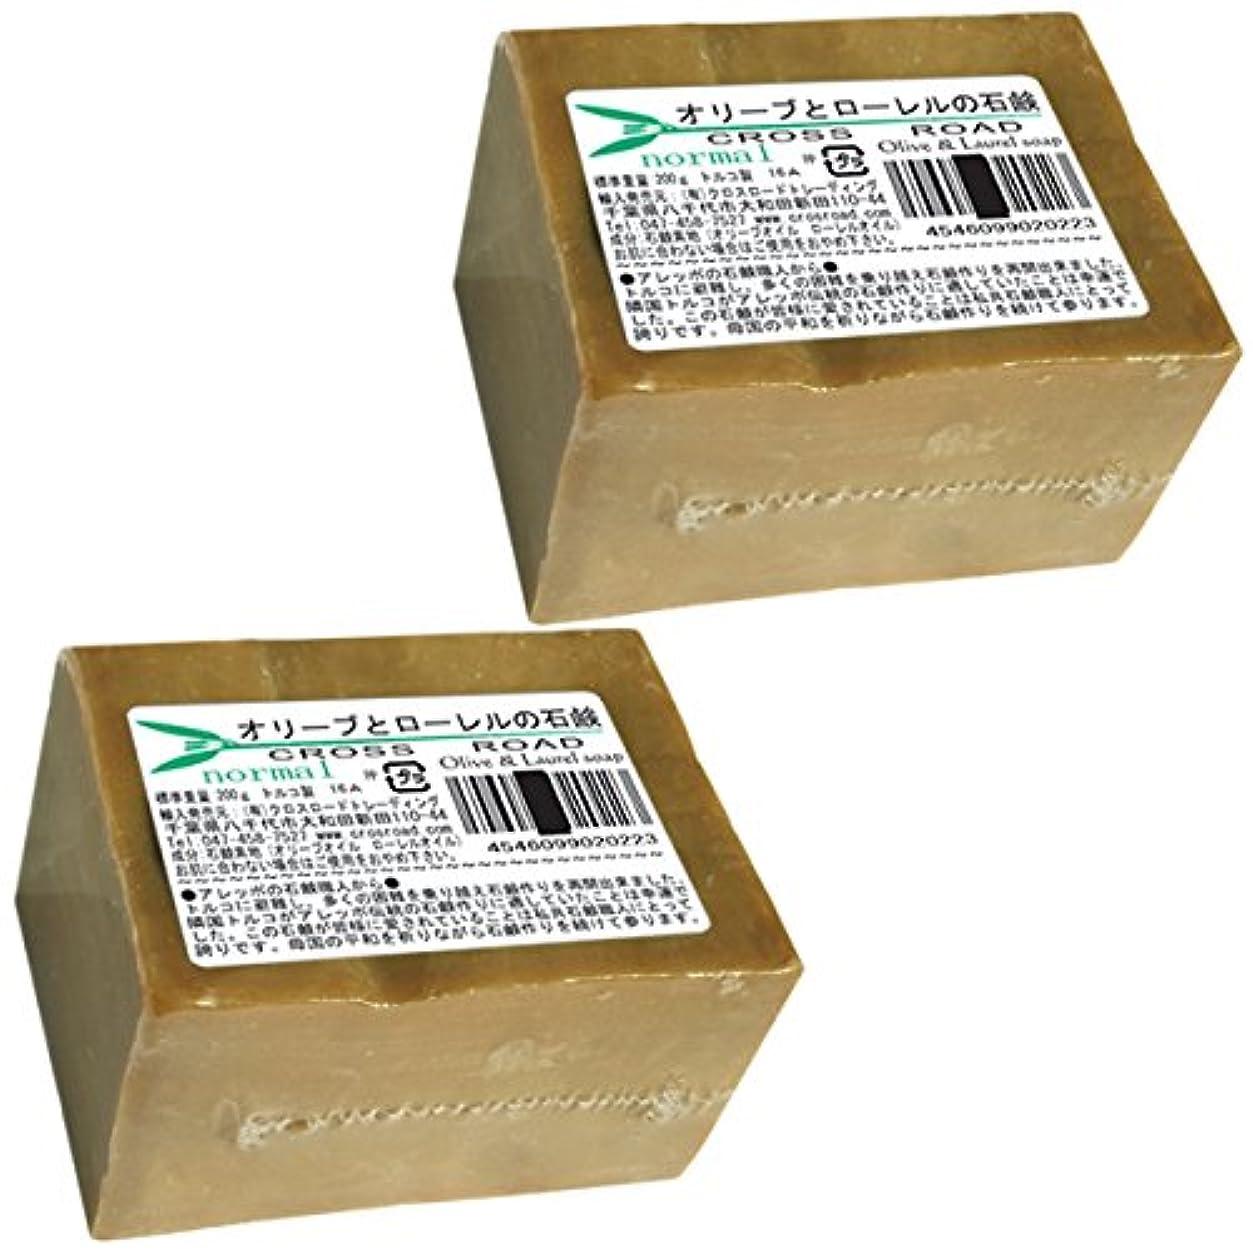 悪意満足できる炭水化物オリーブとローレルの石鹸(ノーマル)2個セット[並行輸入品]